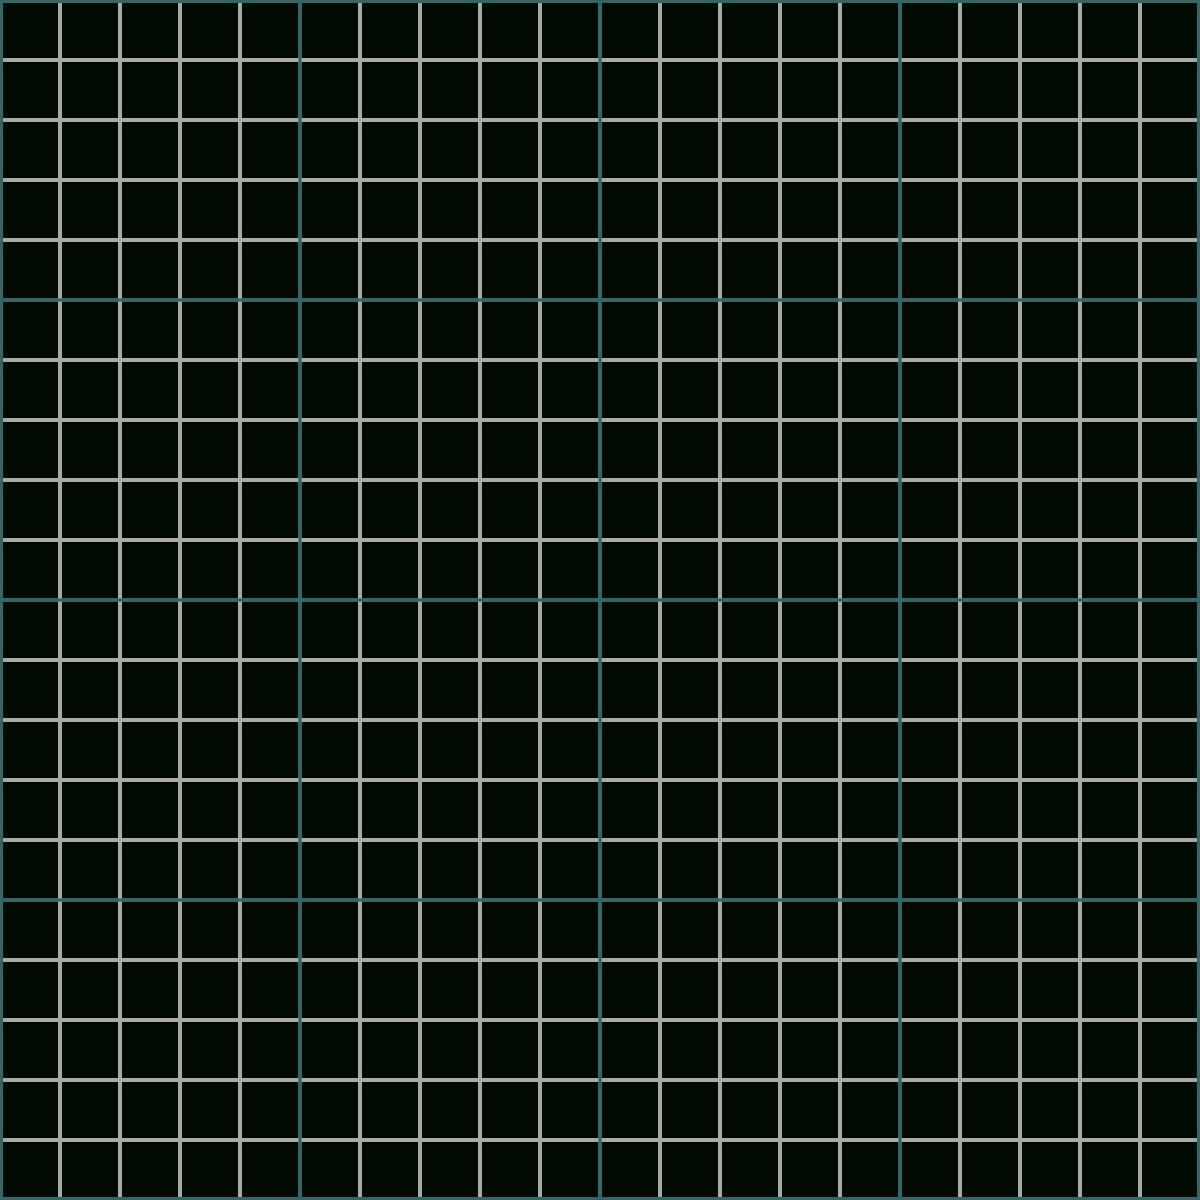 Mathematisches Papier – Wikipedia für Kariertes Papier Pdf